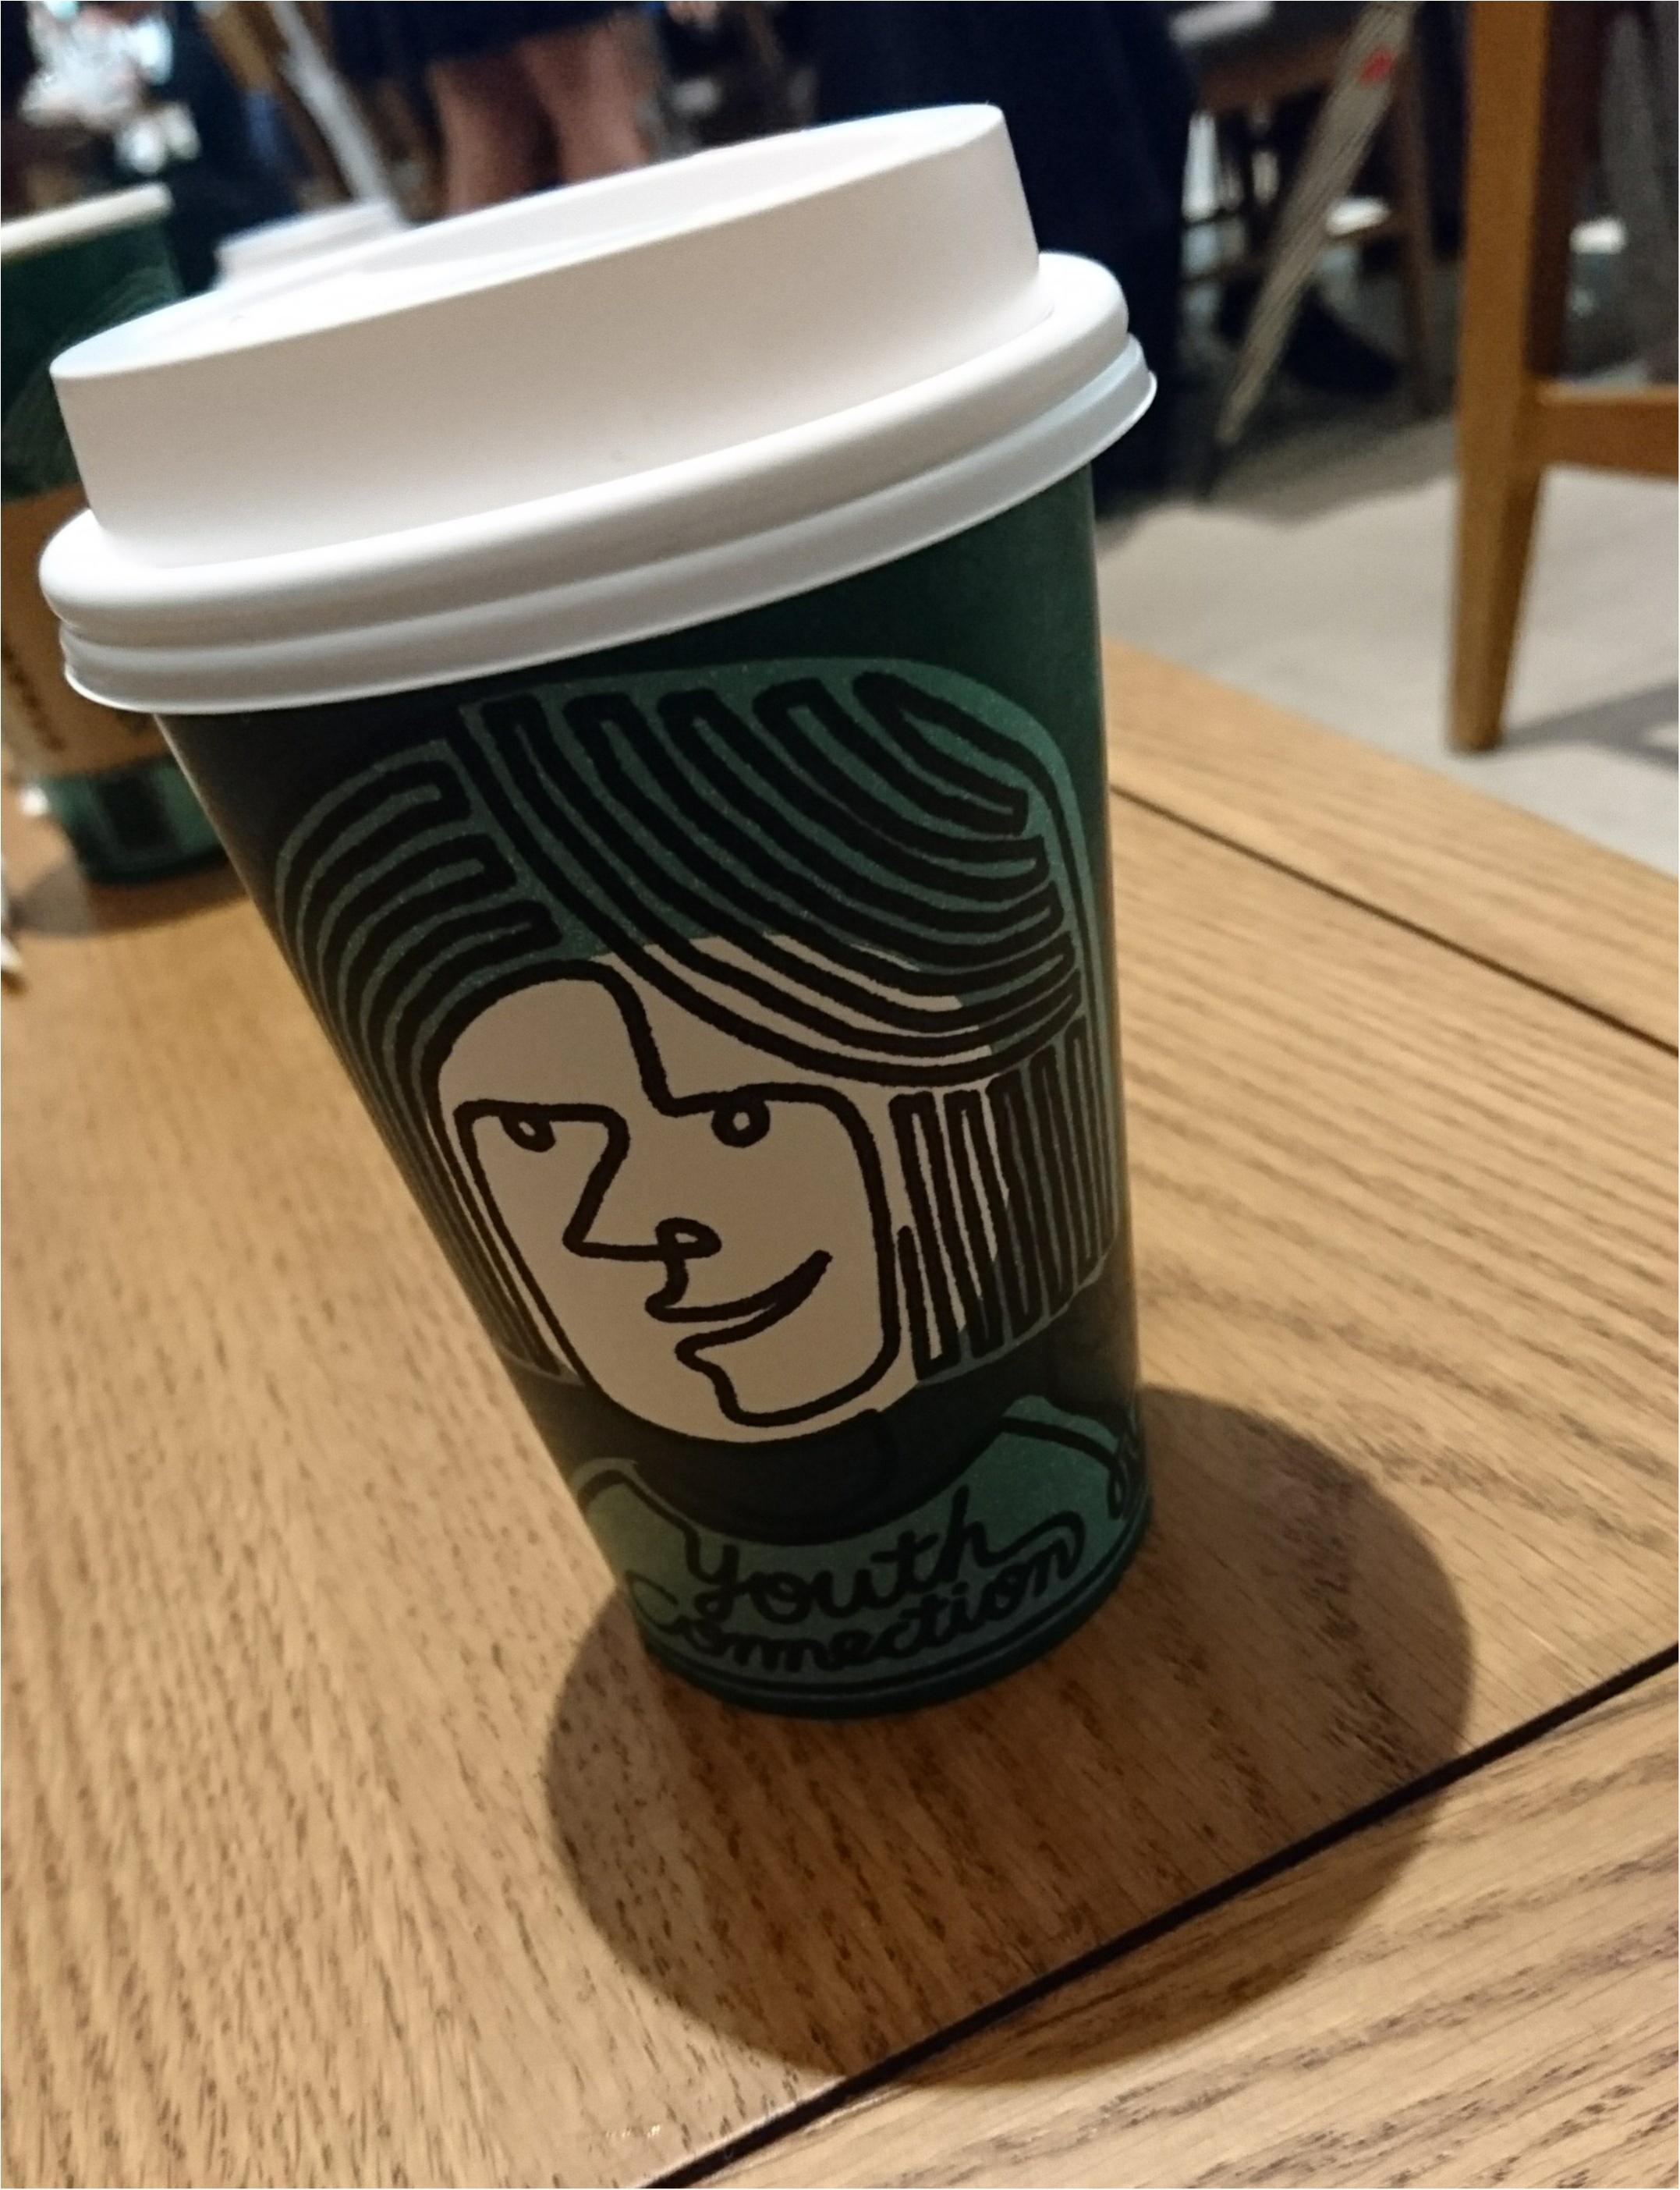 【スタバ】今日からカップがグリーンに.。o○ハミングバードプログラムって知ってますか?(*´-`)_1